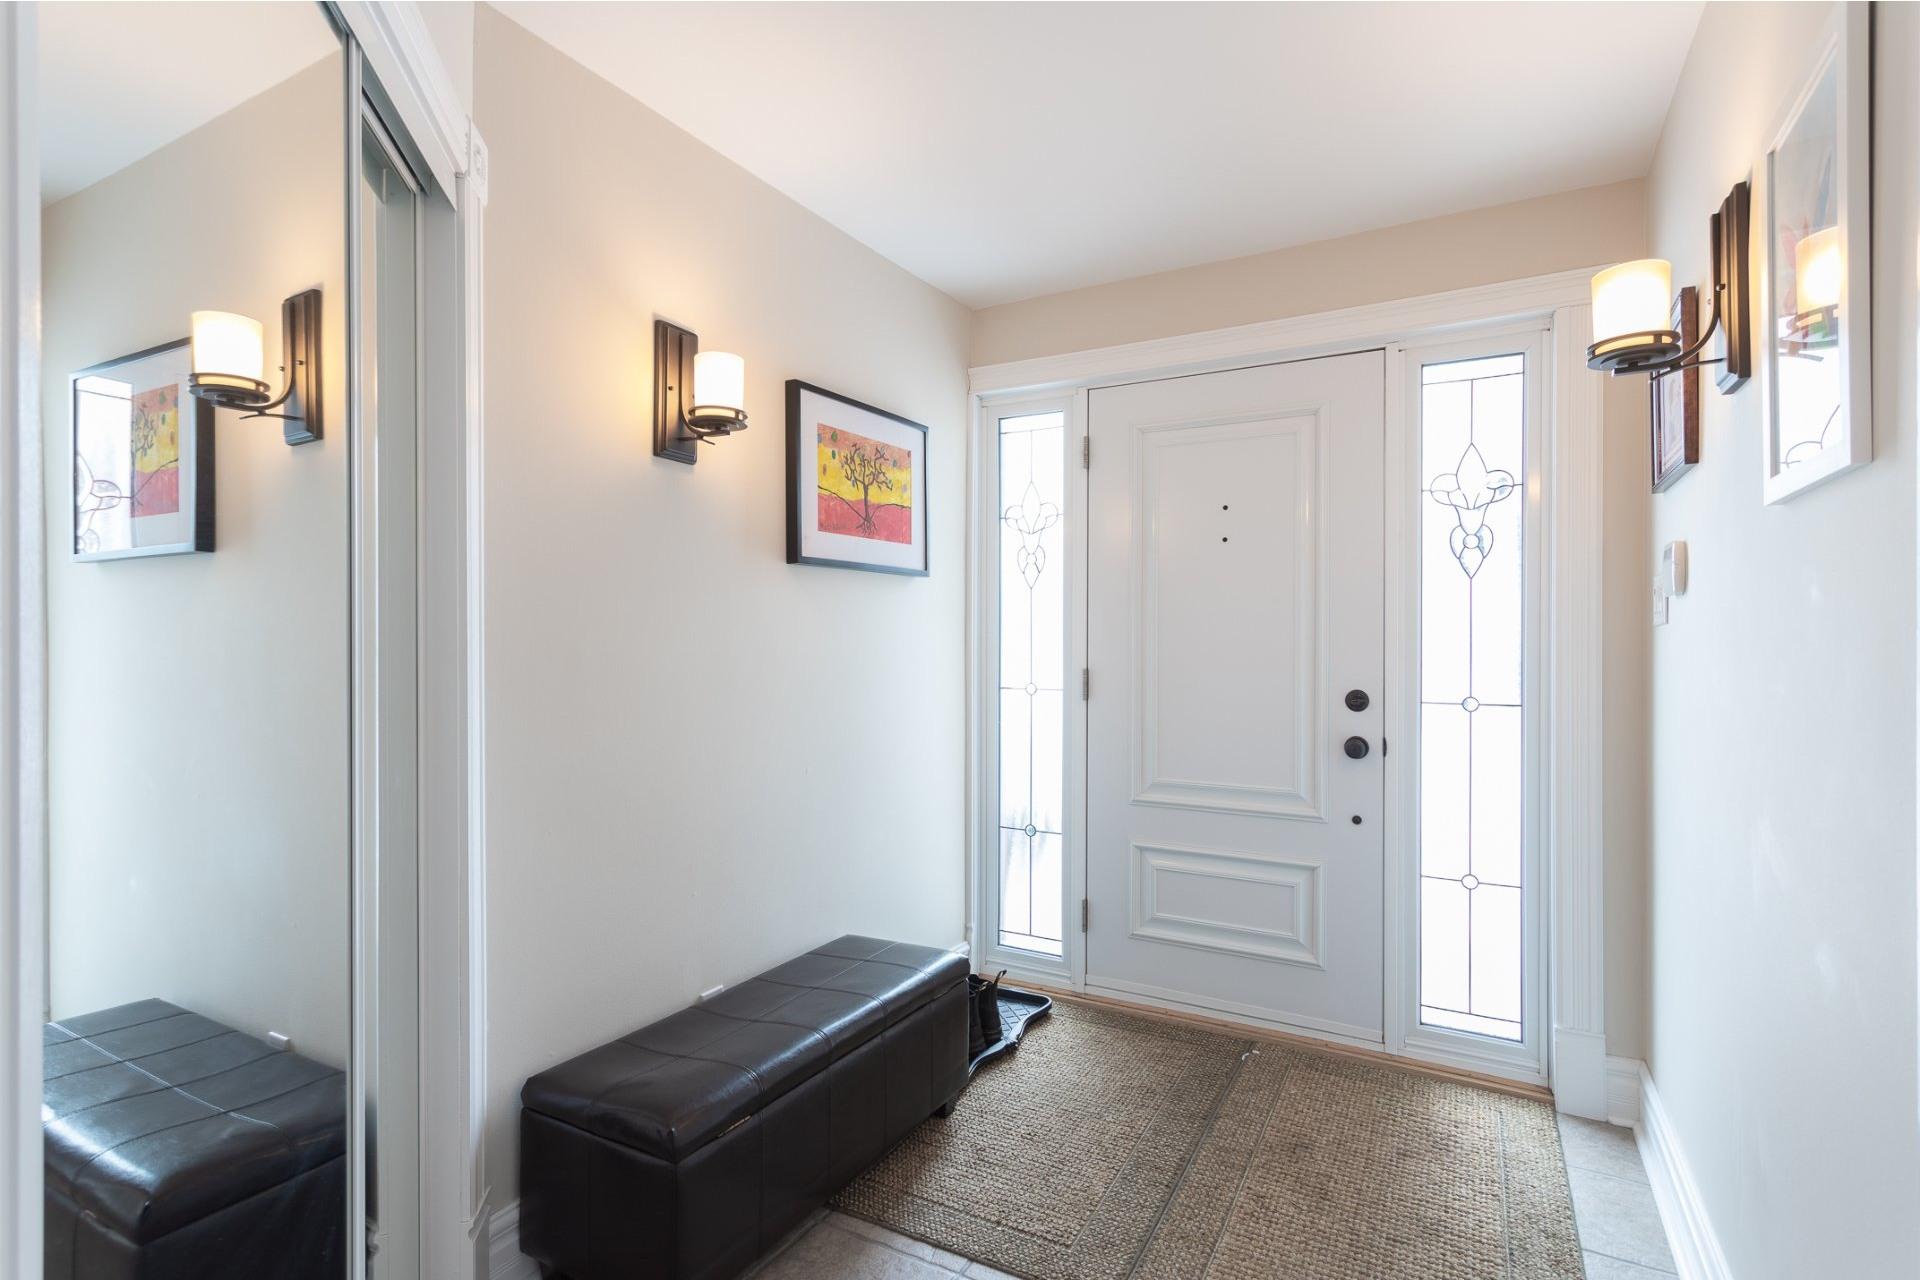 image 2 - Maison À vendre Saint-Bruno-de-Montarville - 14 pièces